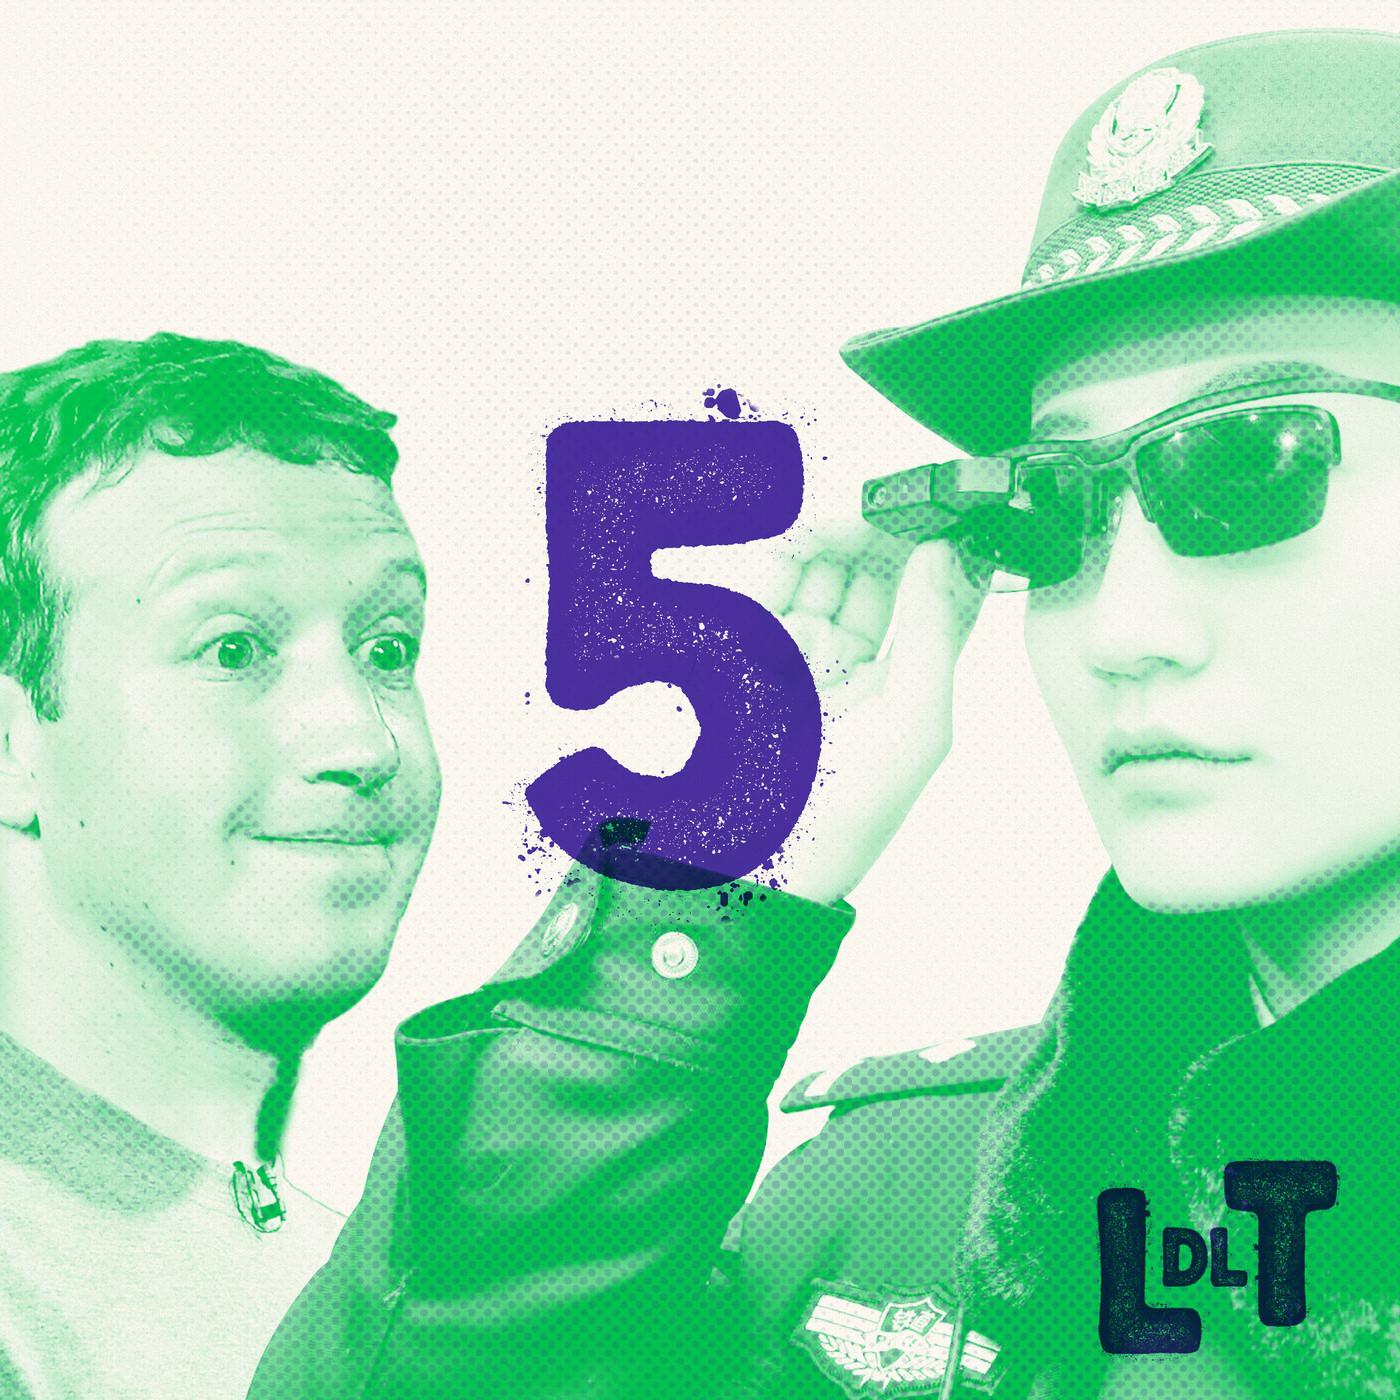 LDLT 05 - ¡Que vienen los chinos!